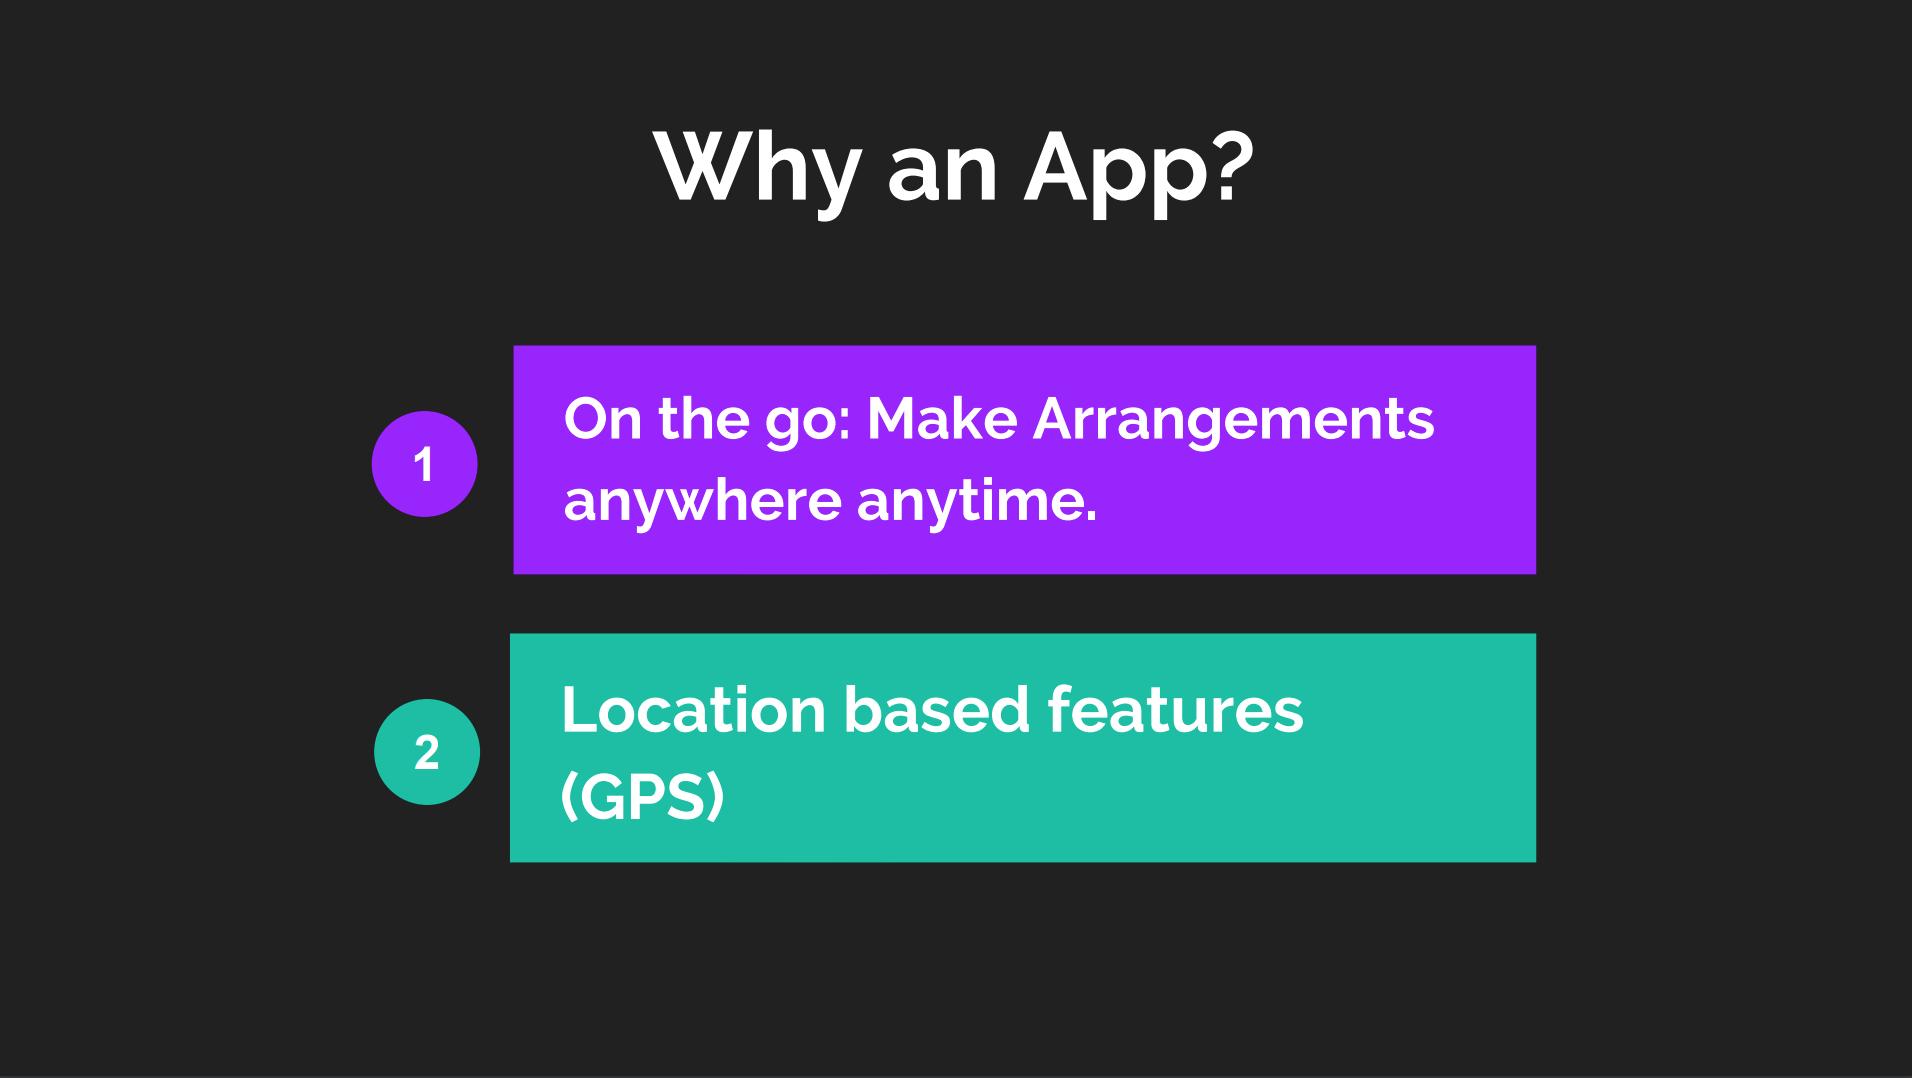 Why an app?